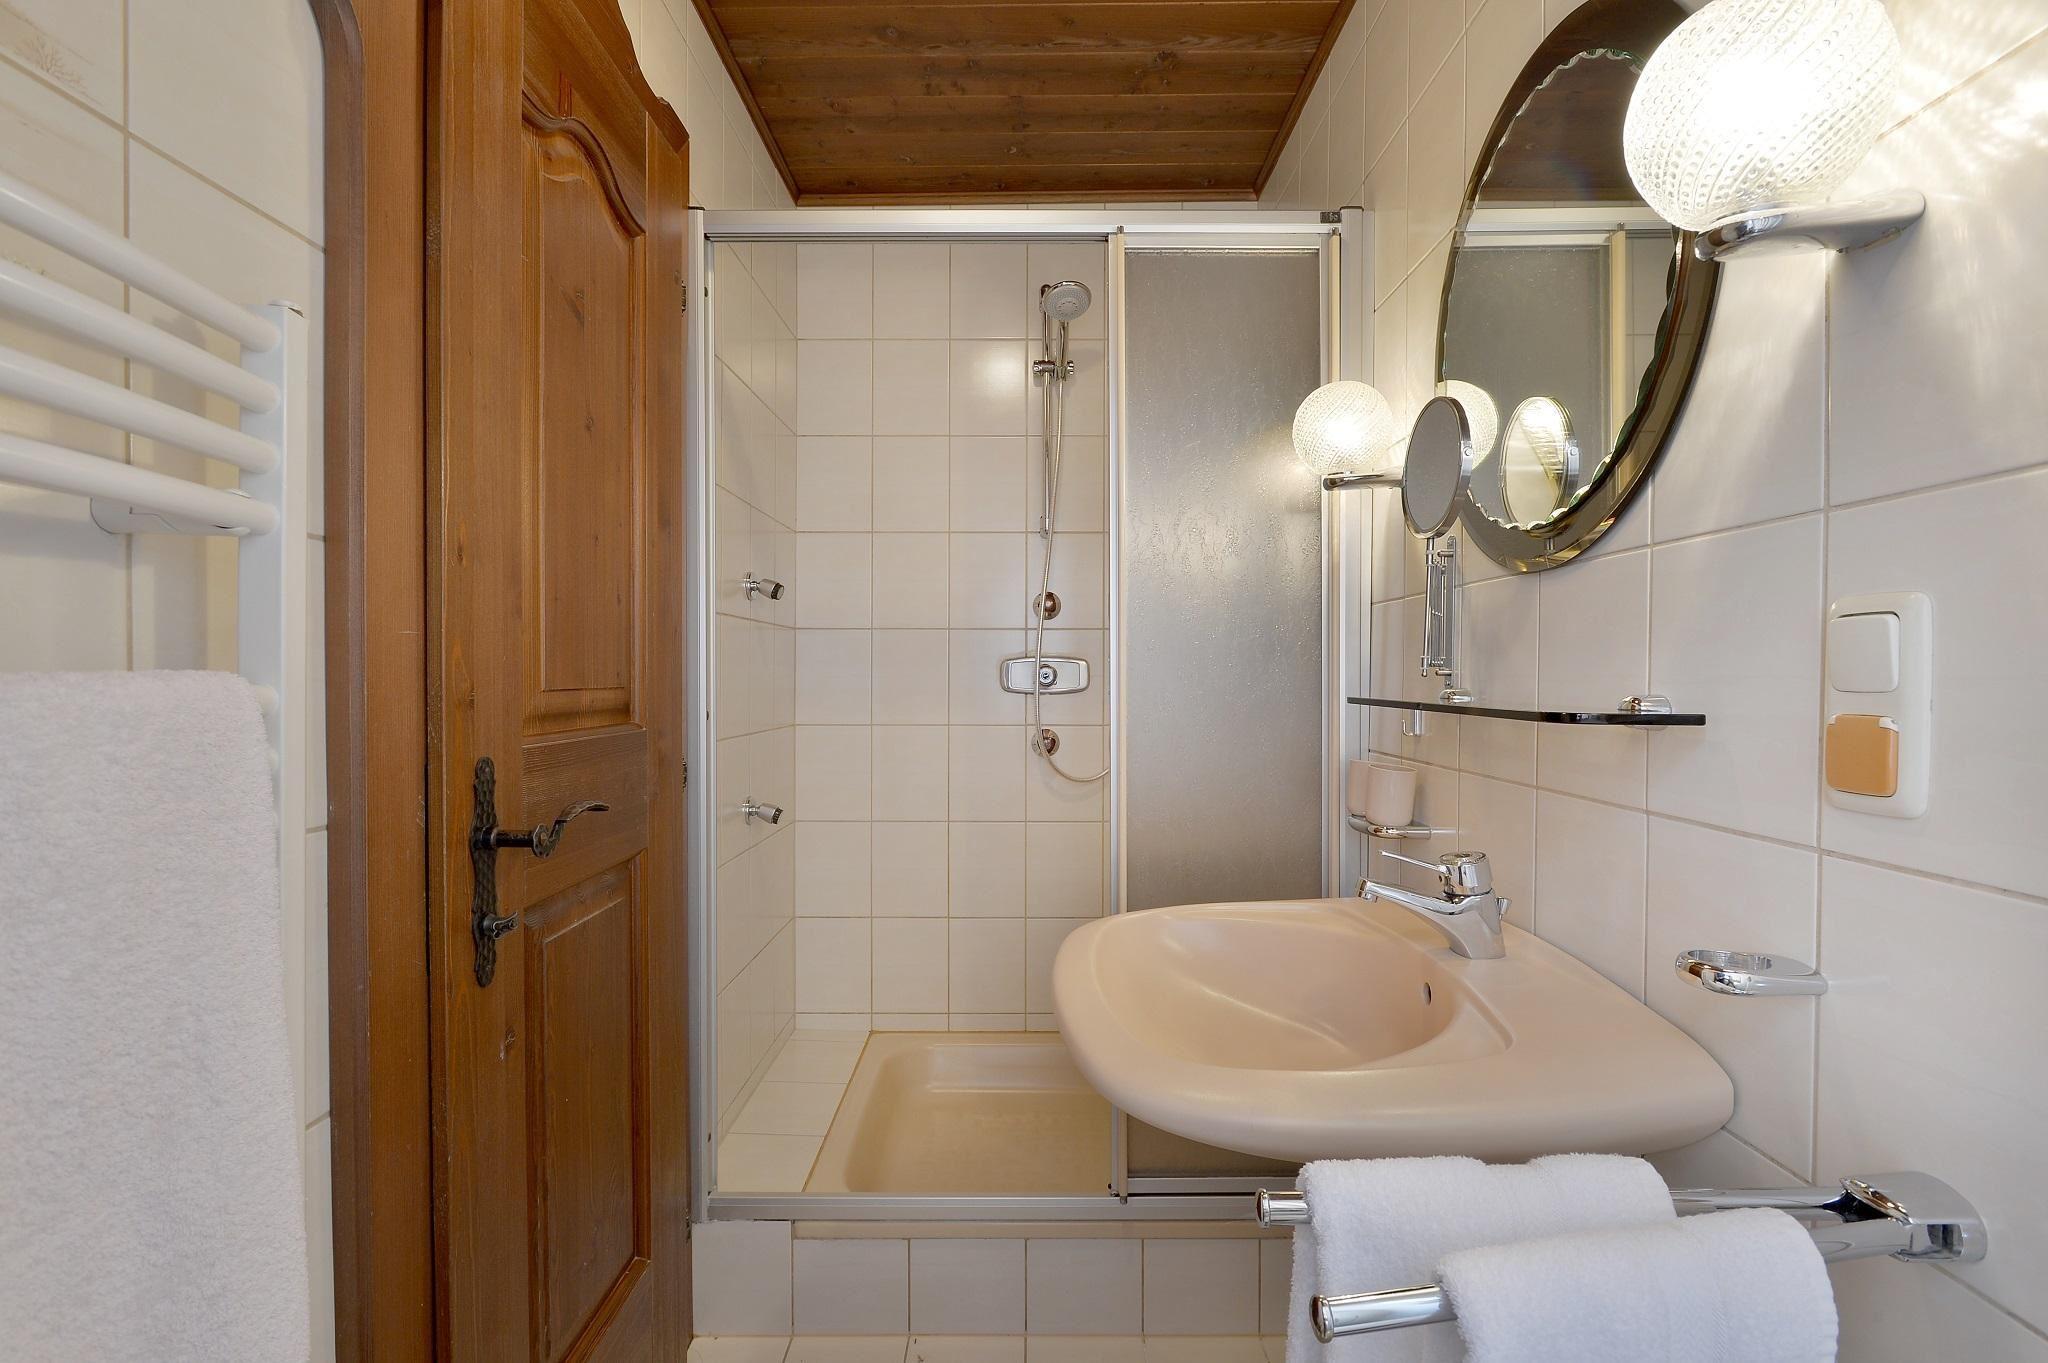 ... Ferienhaus/4 Schlafräume/Dusche,WC